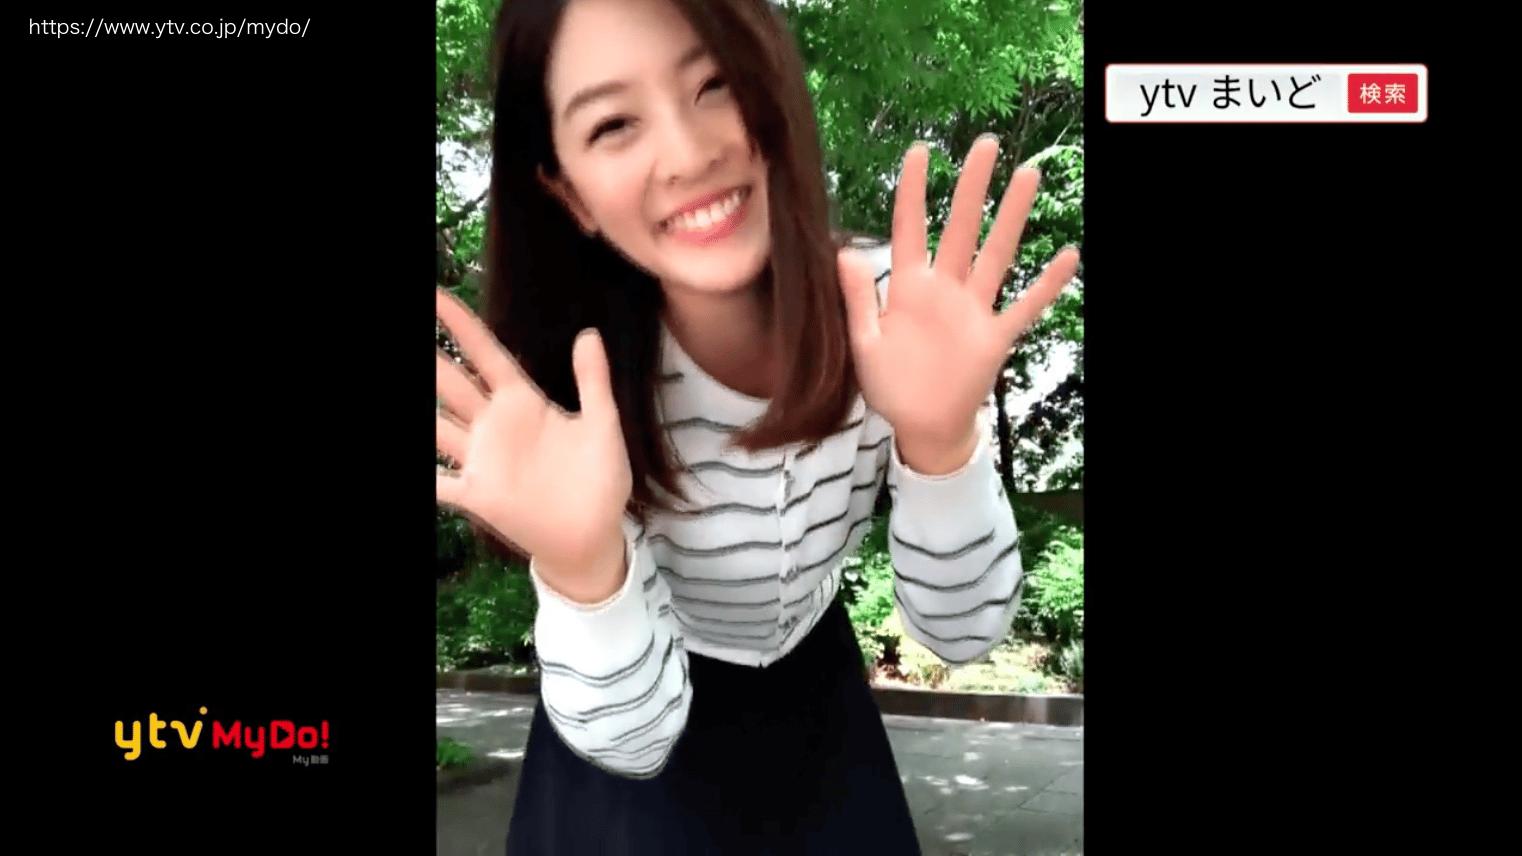 無料動画「ytv MyDo!(まいど)」CM